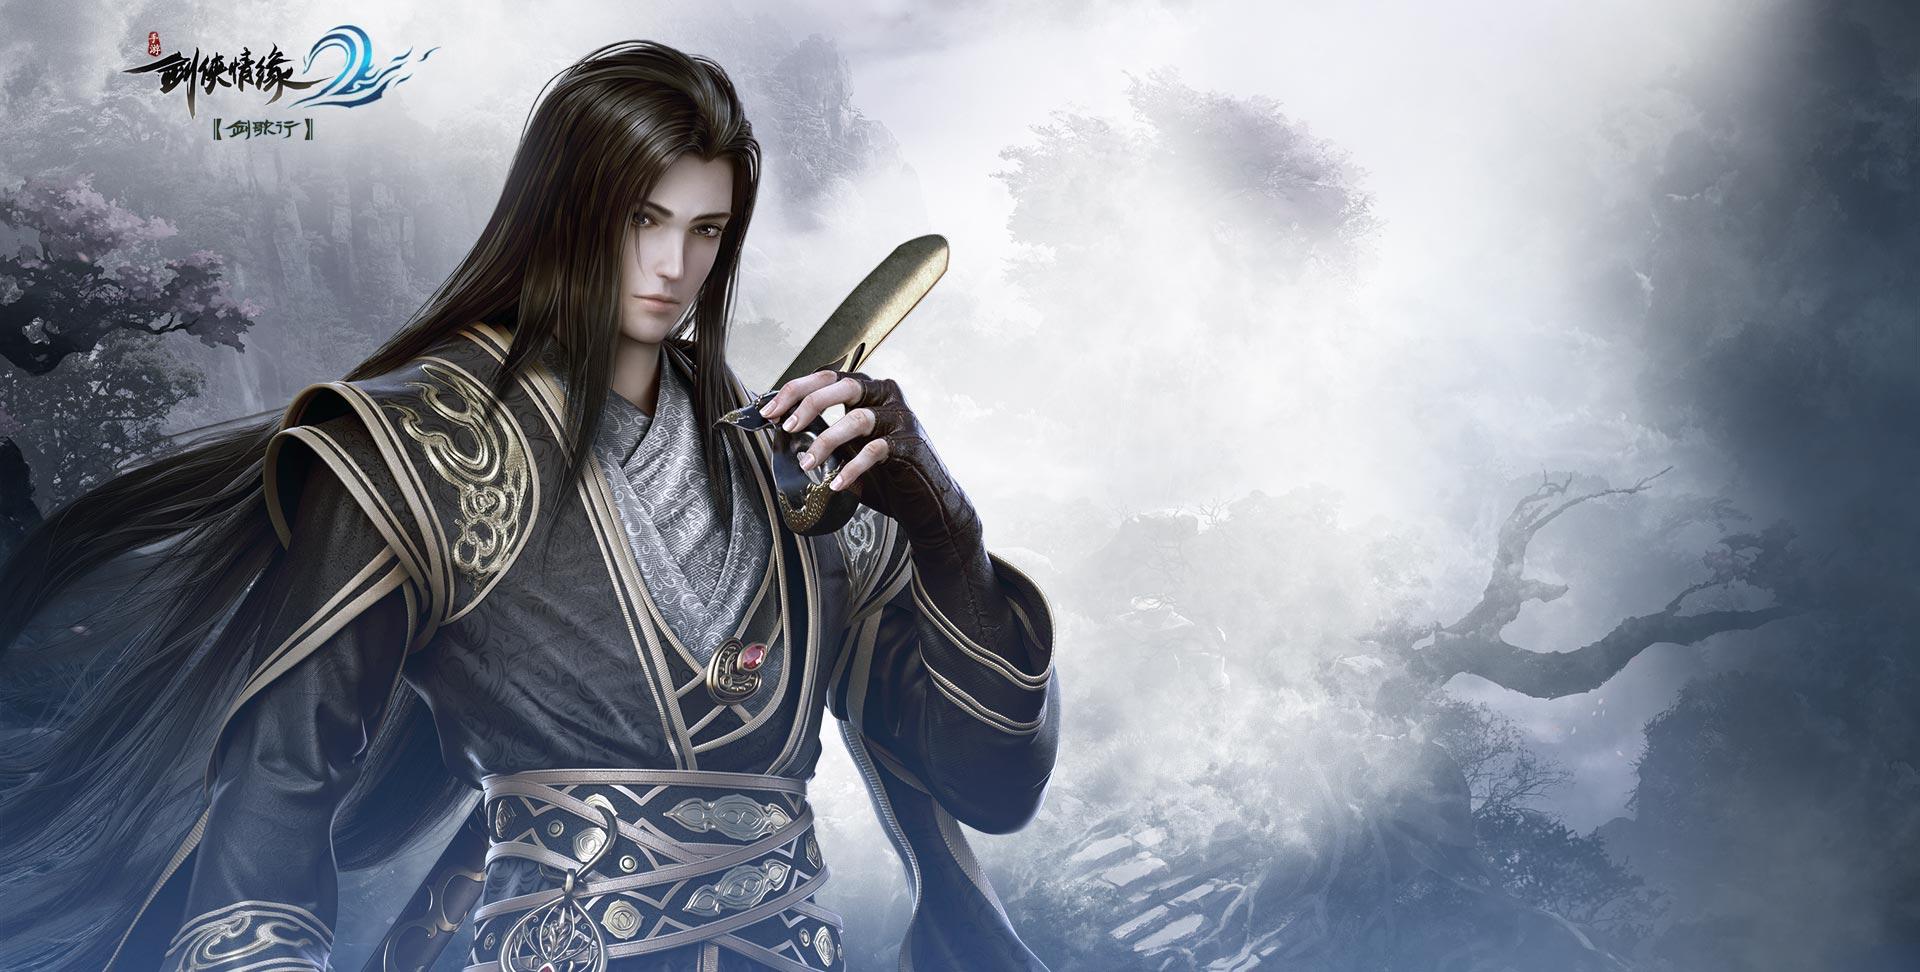 剑侠情缘2:剑歌行手机游戏图片欣赏